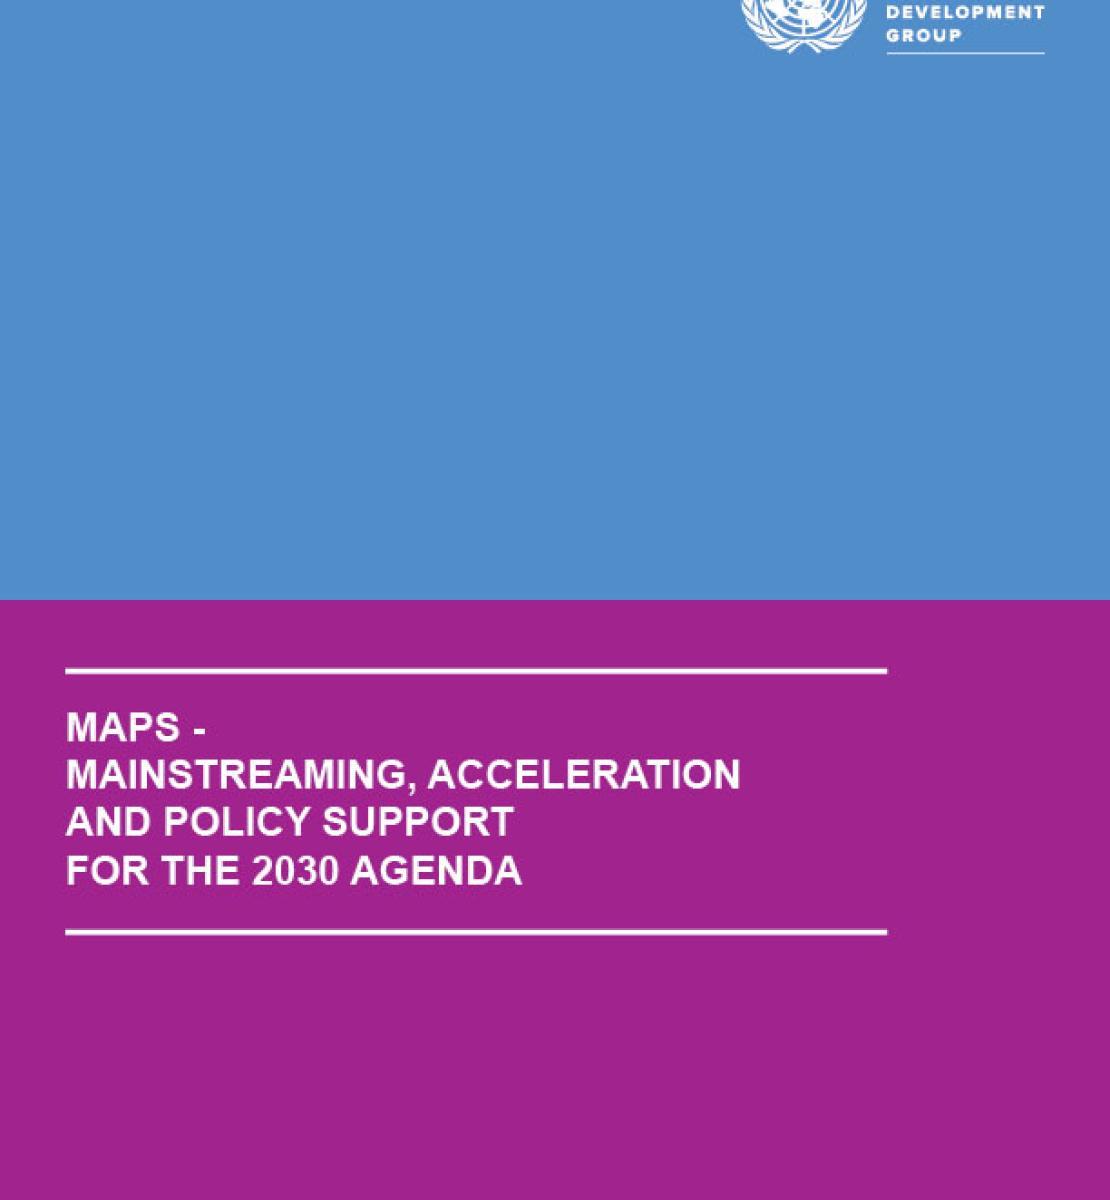 Intégration, accélération et soutien aux politiques pour la mise en œuvre du Programme 2030